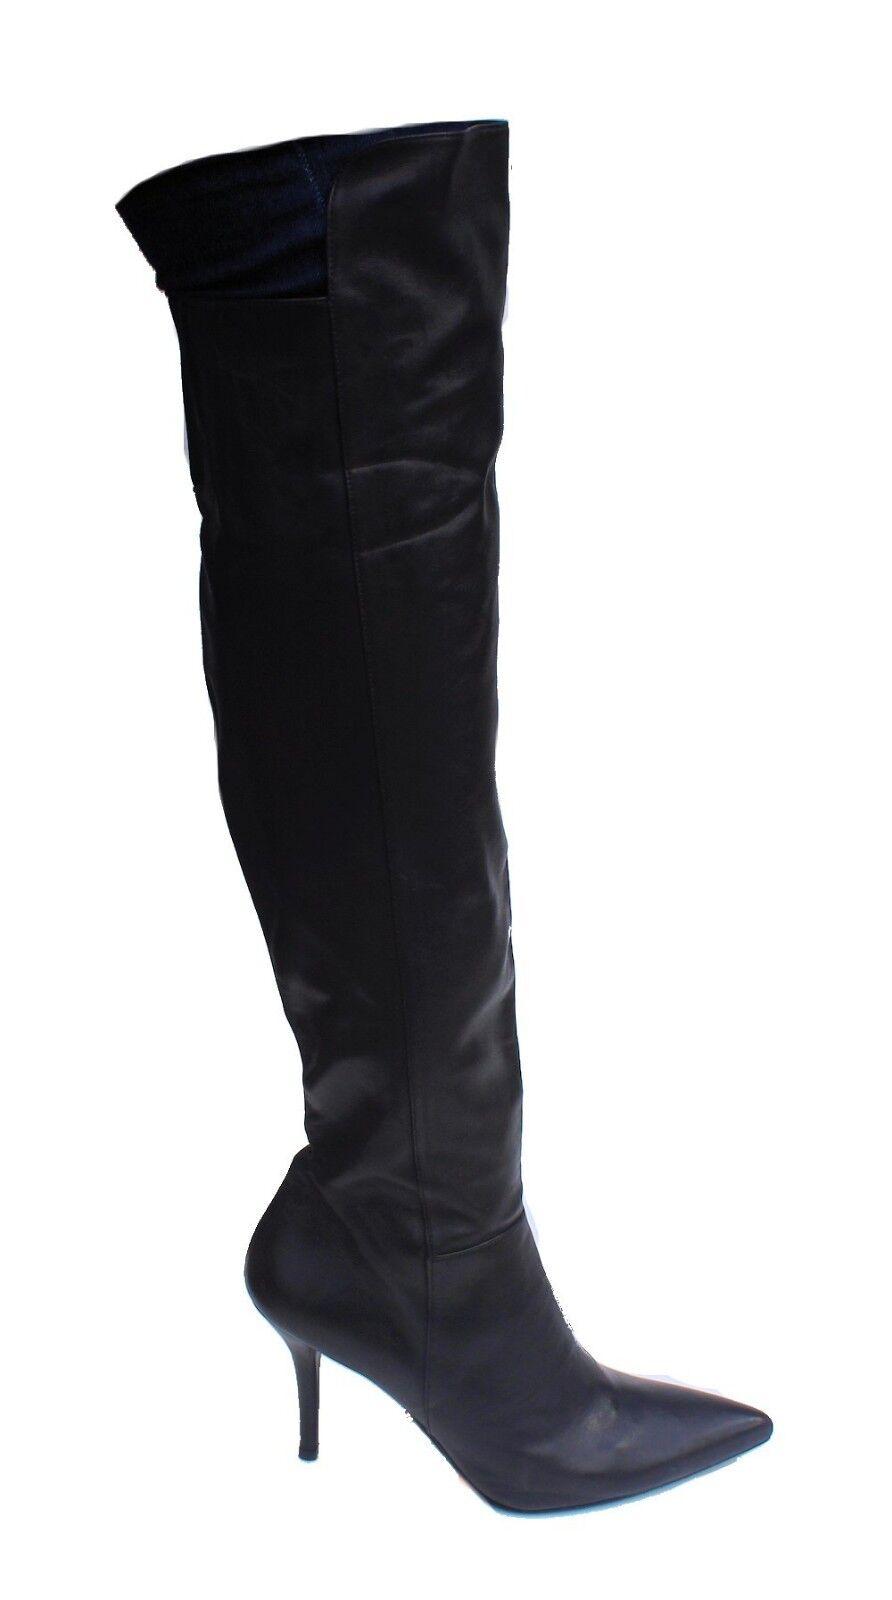 Stuart Weitzman Mujer vigoroso encima de de de la rodilla Bota Negro nos 9 Nob NWD  precios ultra bajos